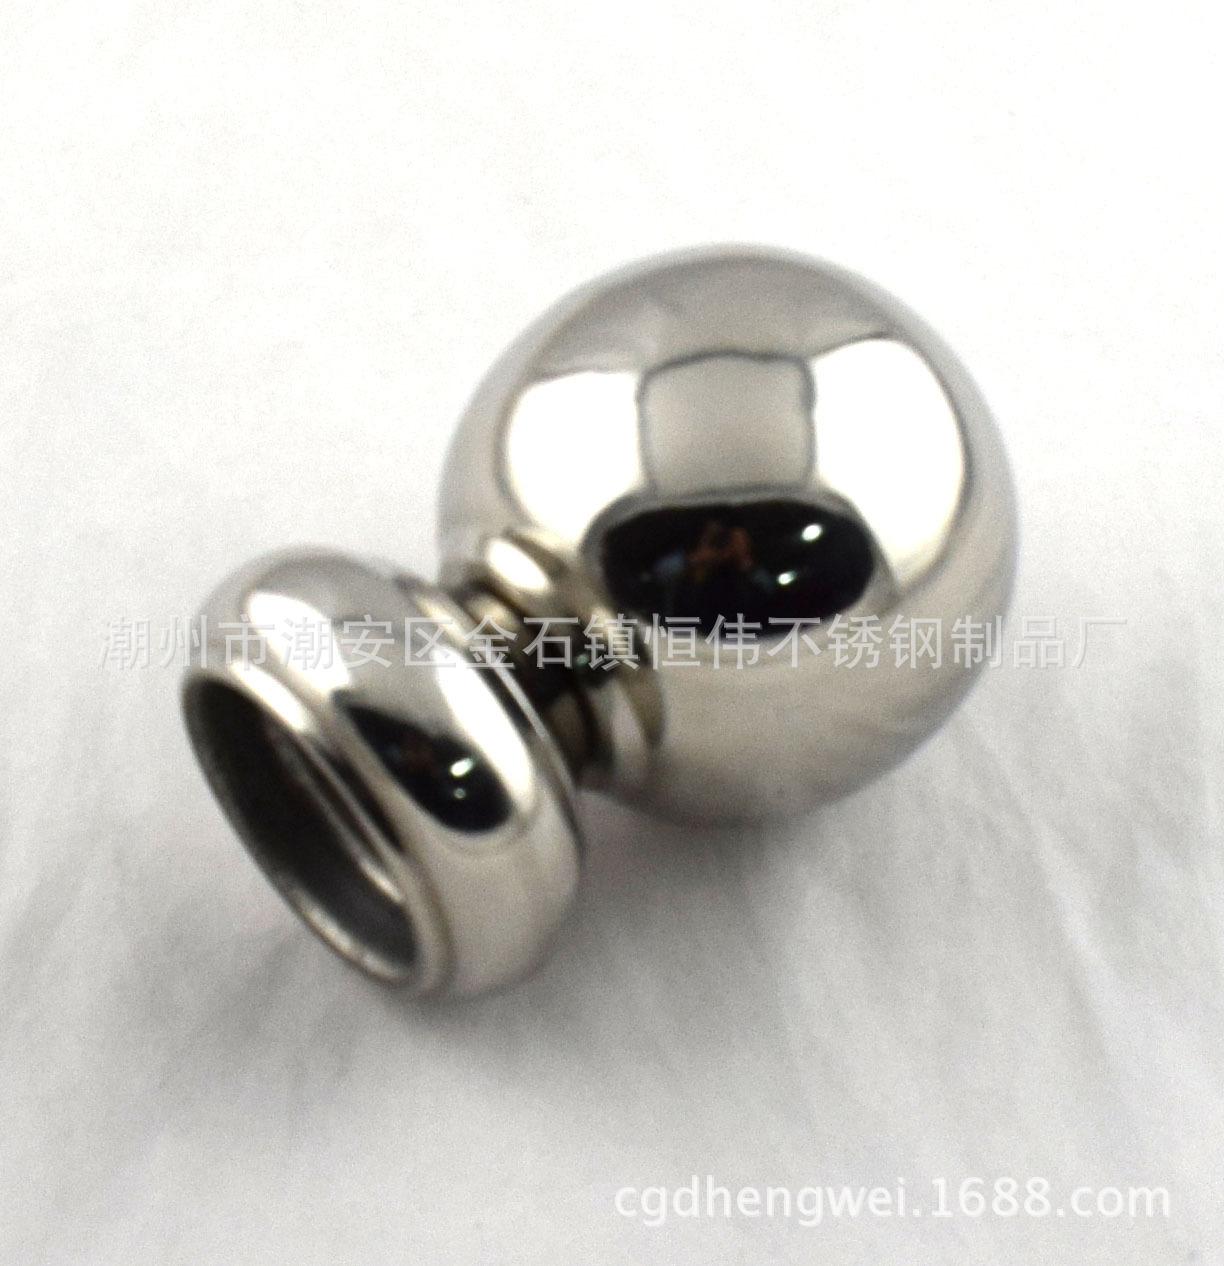 201 304连体球 球托座  不锈钢球座 楼梯球带座 扶手装饰配件